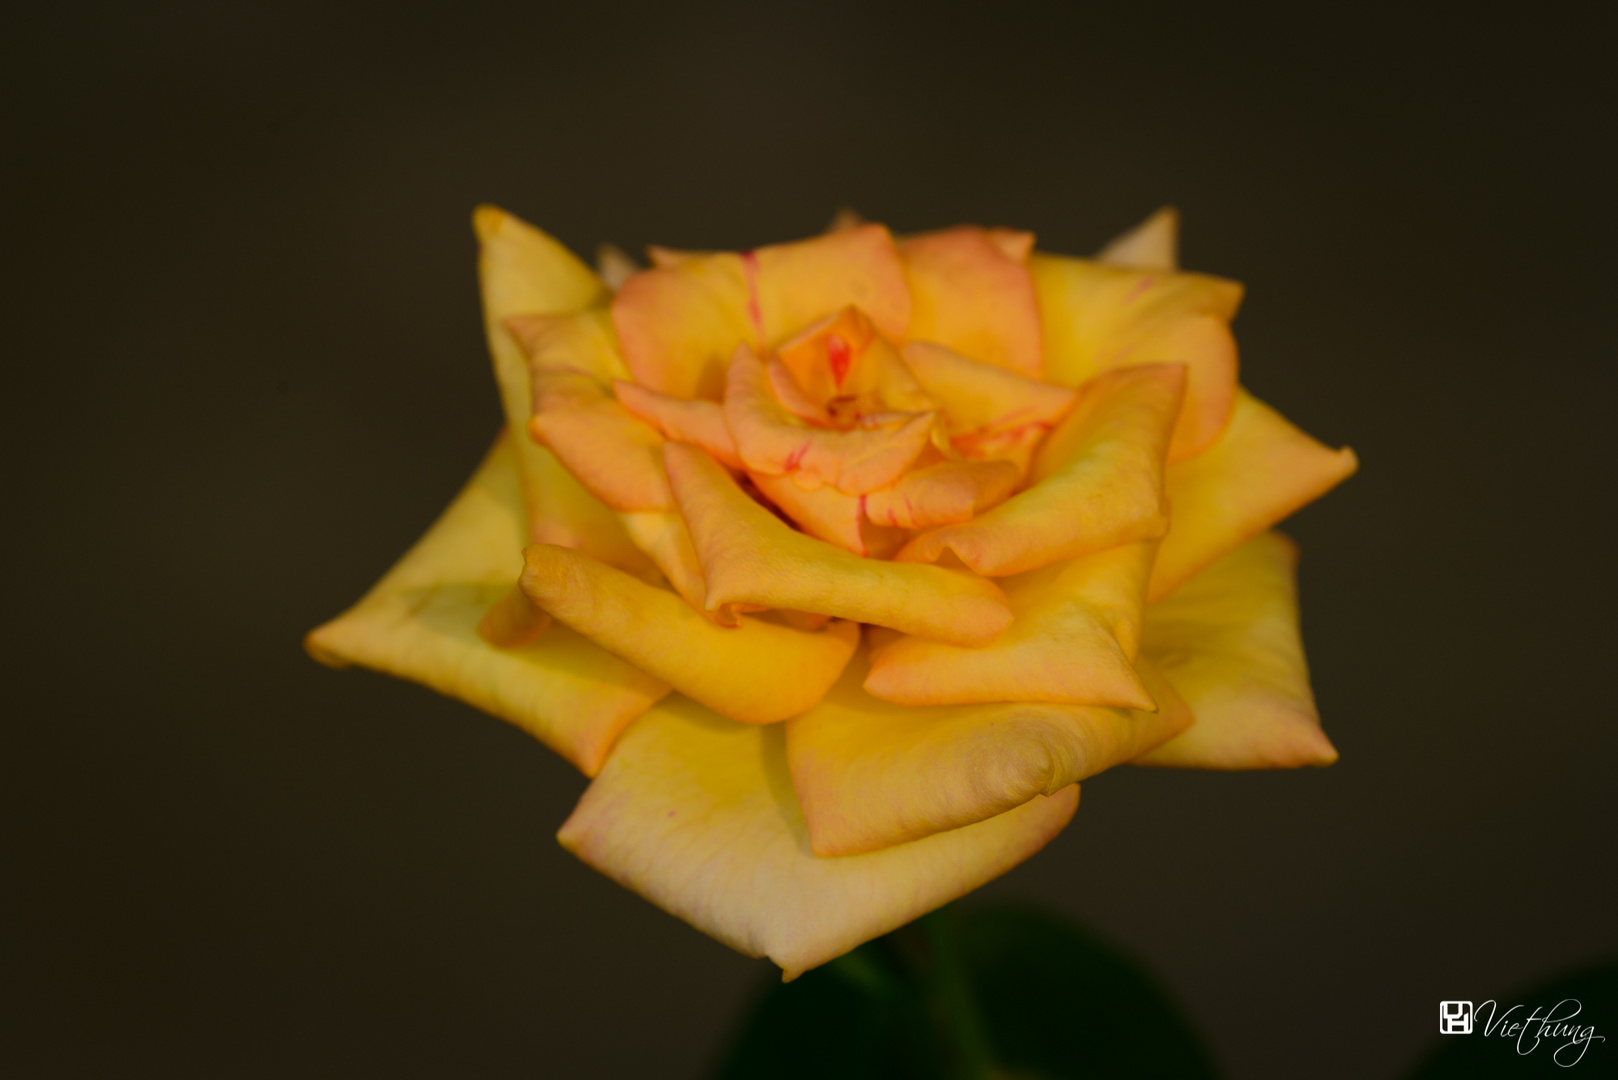 Rose #14